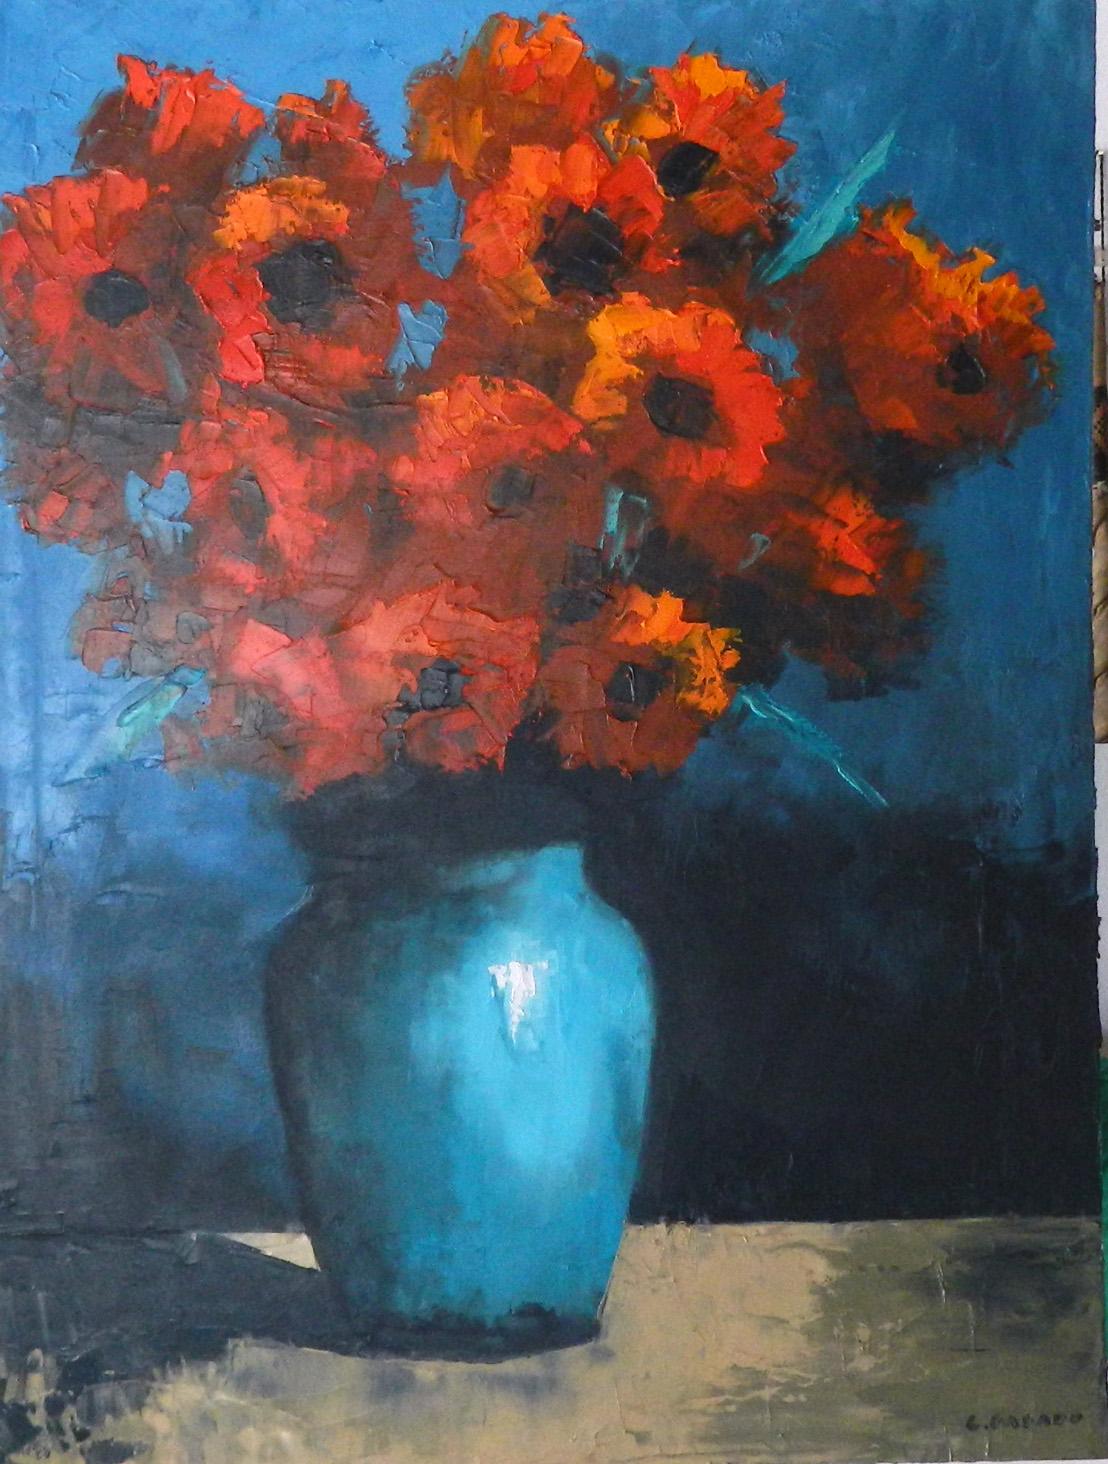 flores-01-060-x-080